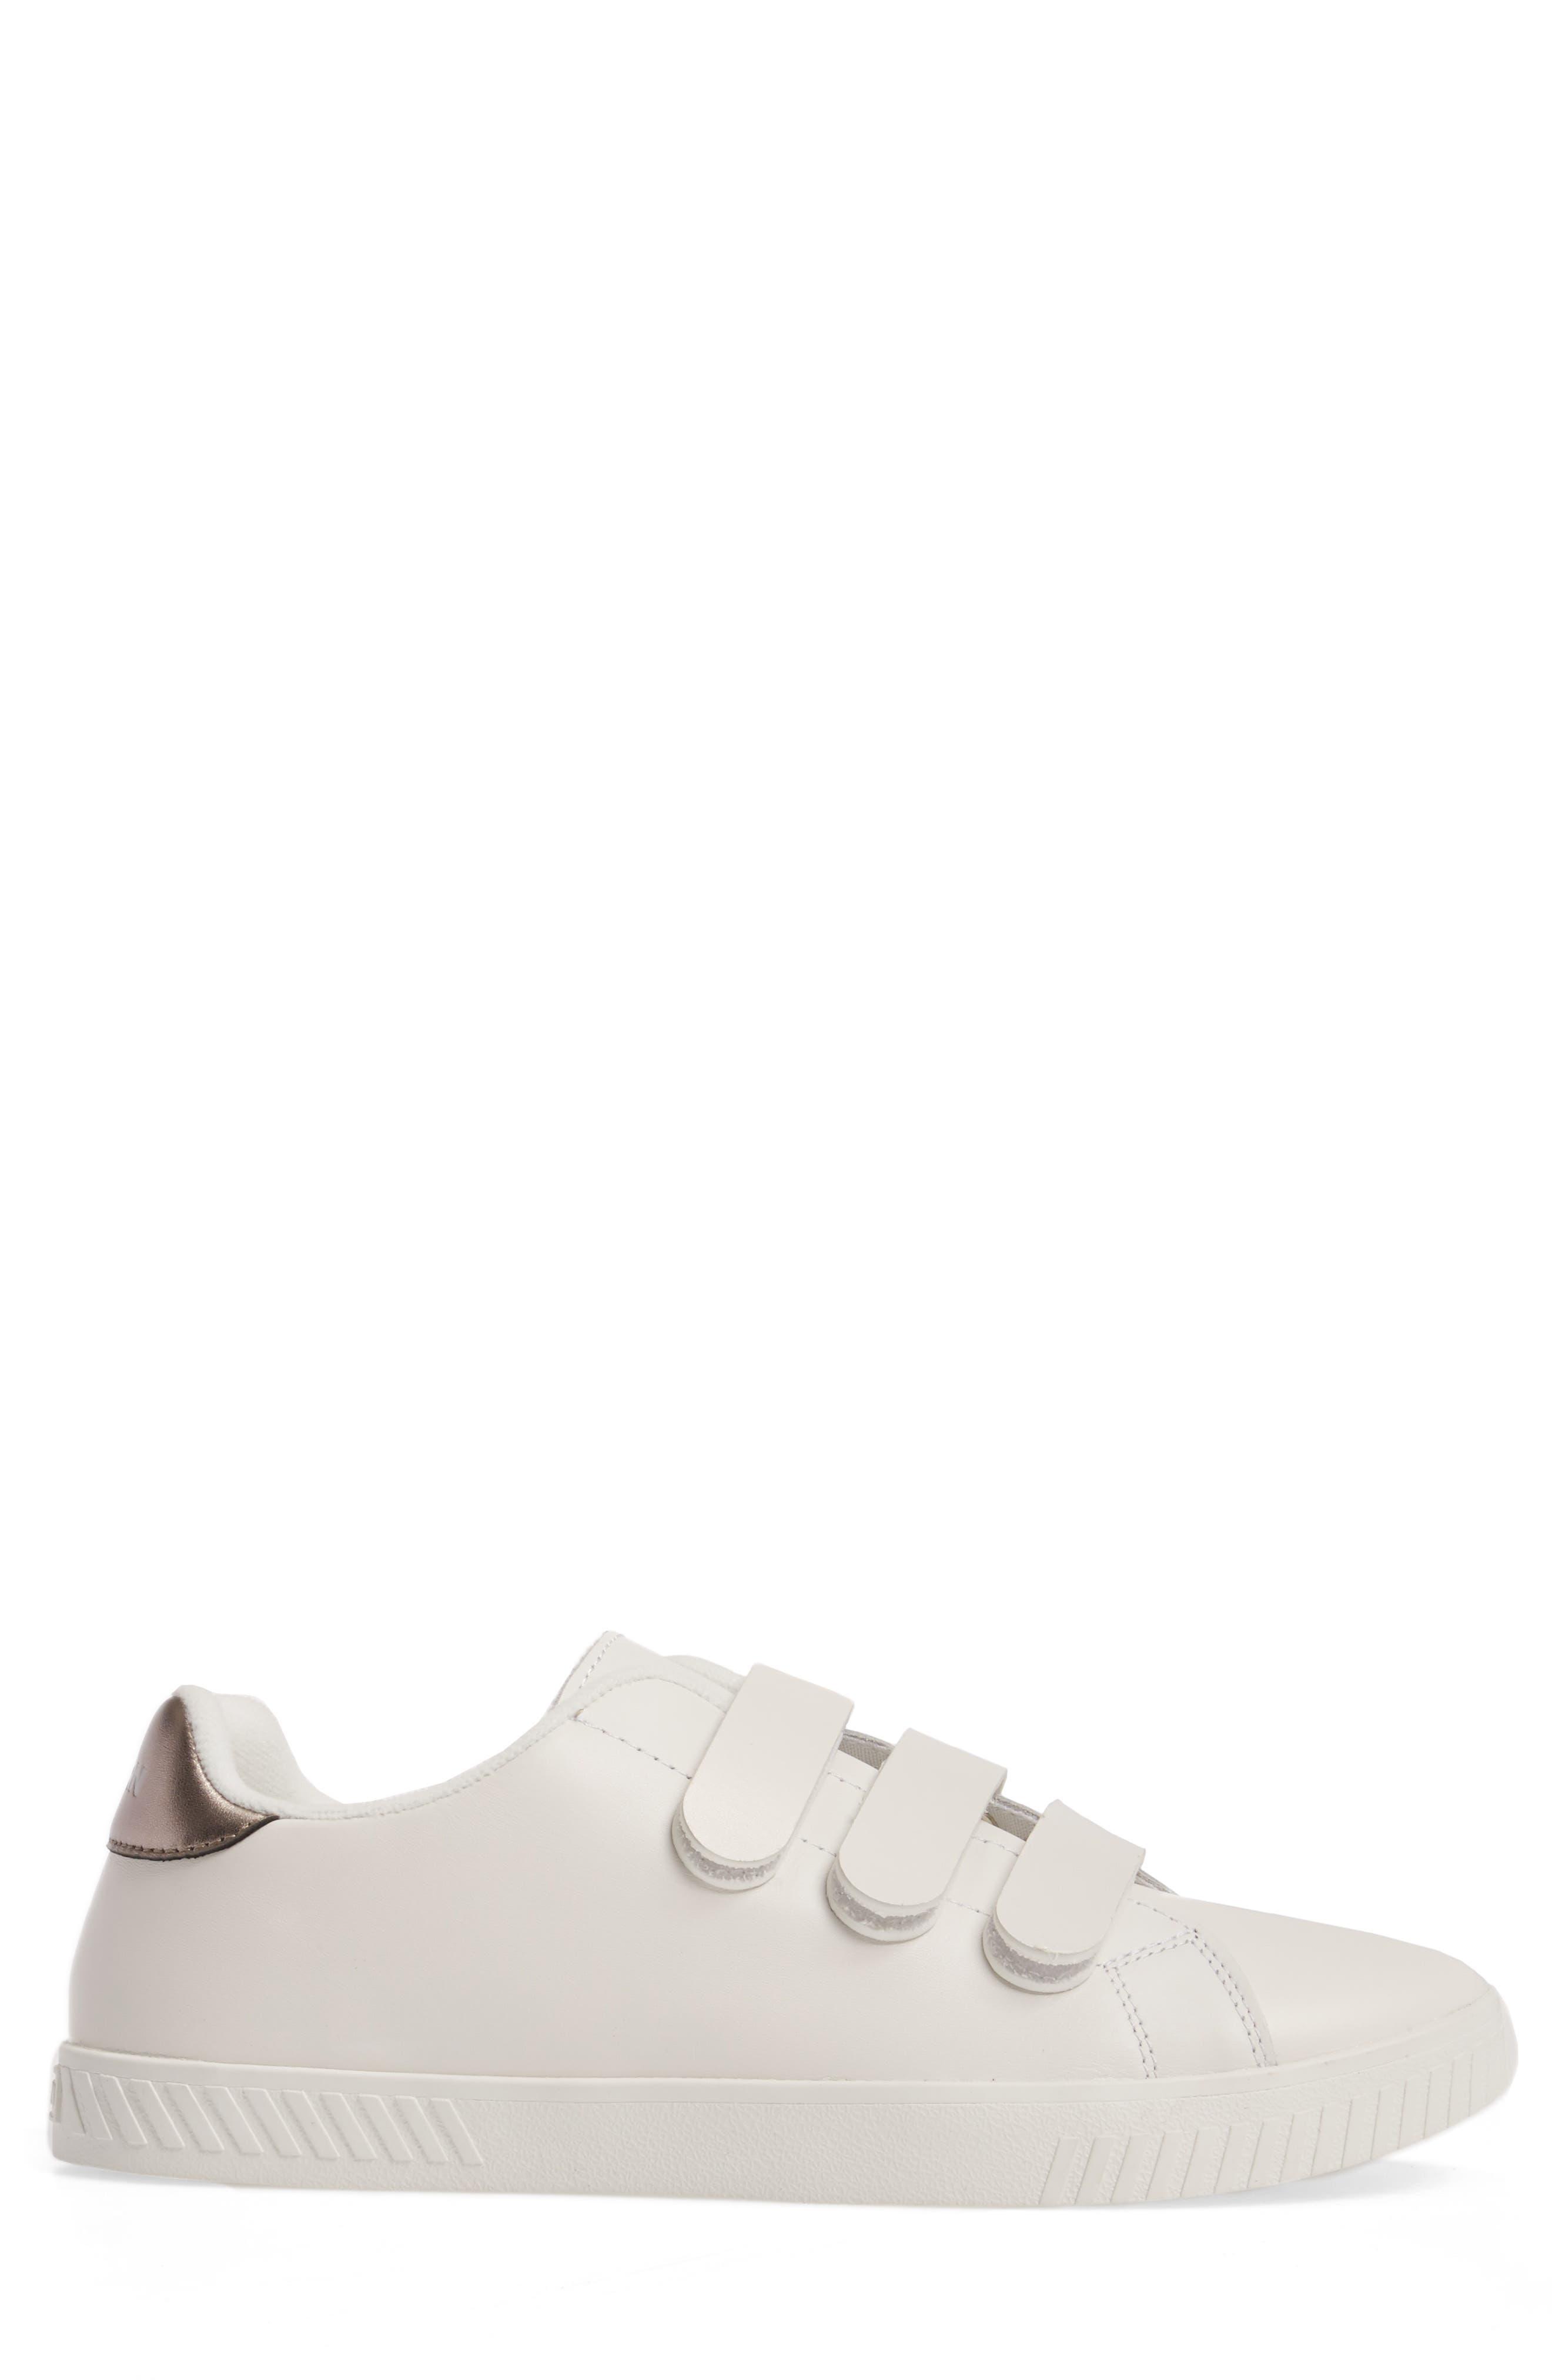 Alternate Image 3  - Tretorn Carry 2 Sneaker (Men)